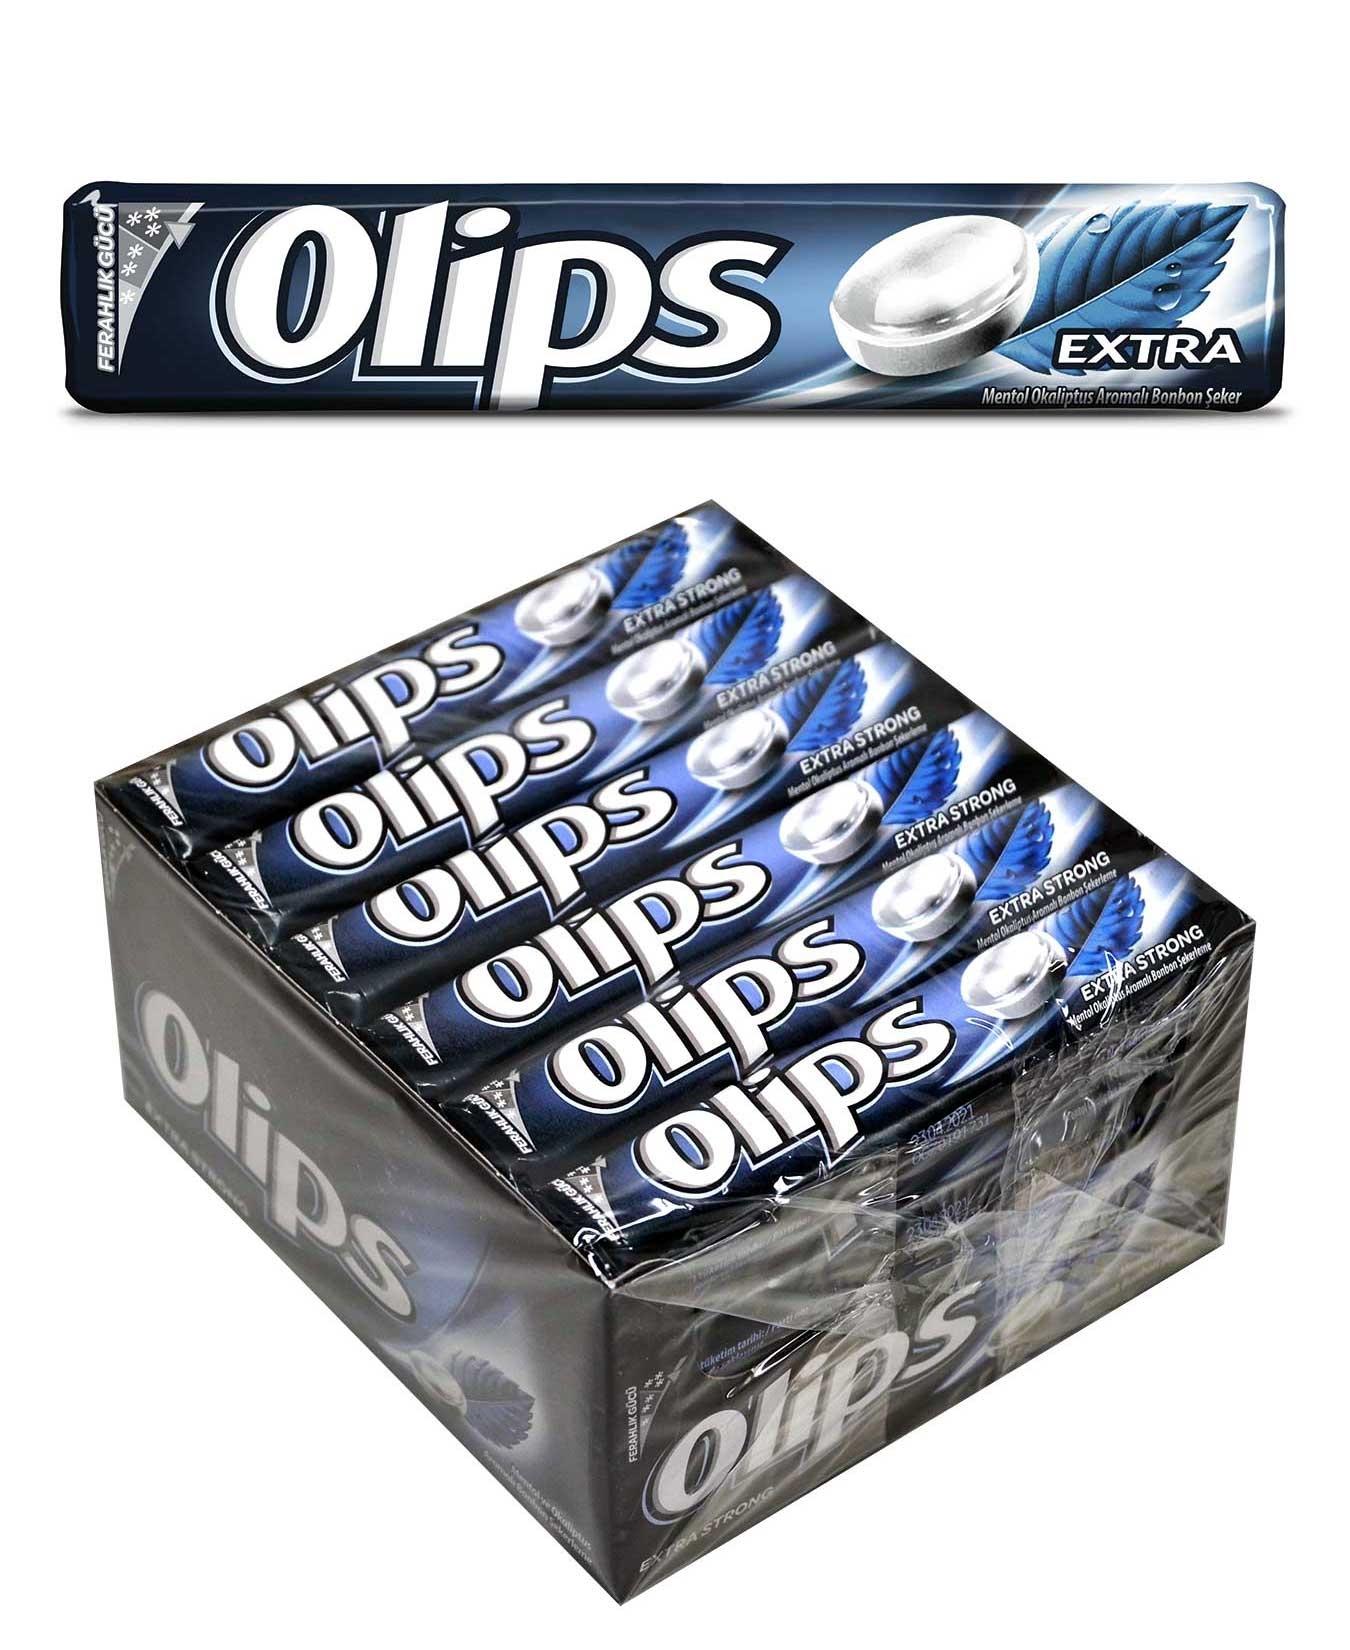 Olips Keskin Mentol Aromalı Bonbon Şekerleme 28 gr x 24'lü Paket